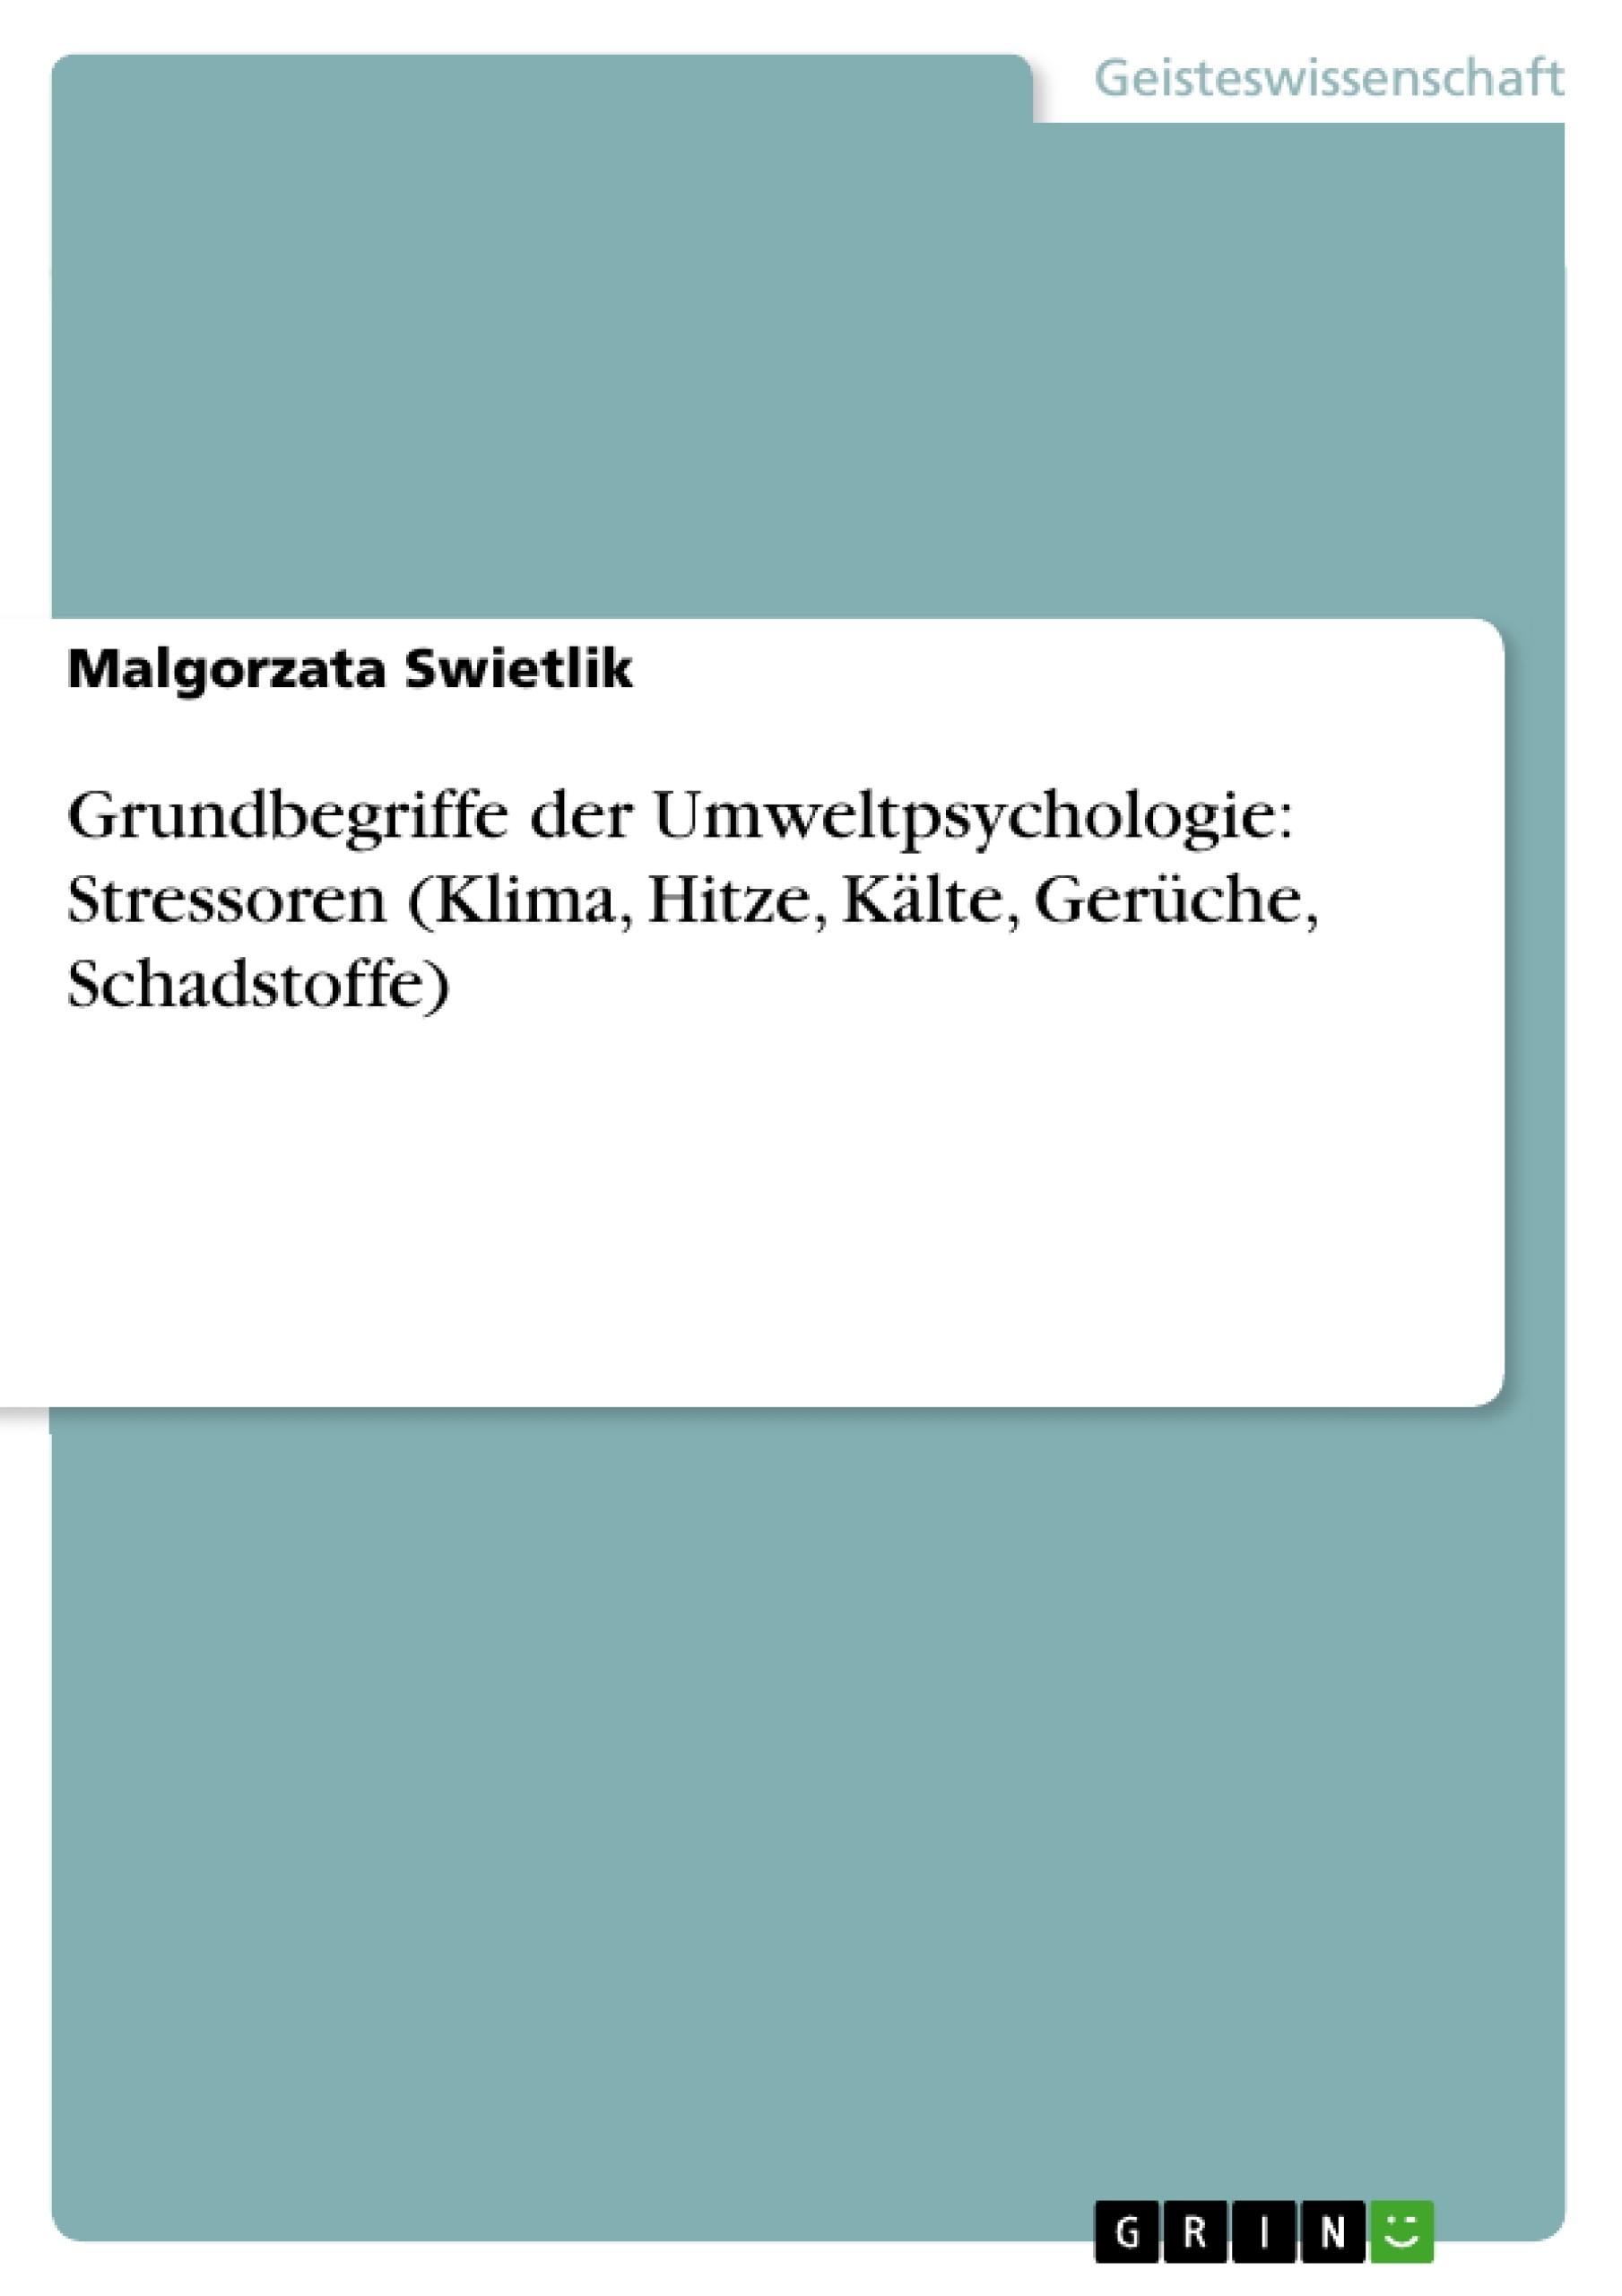 Titel: Grundbegriffe der Umweltpsychologie: Stressoren (Klima, Hitze, Kälte, Gerüche, Schadstoffe)